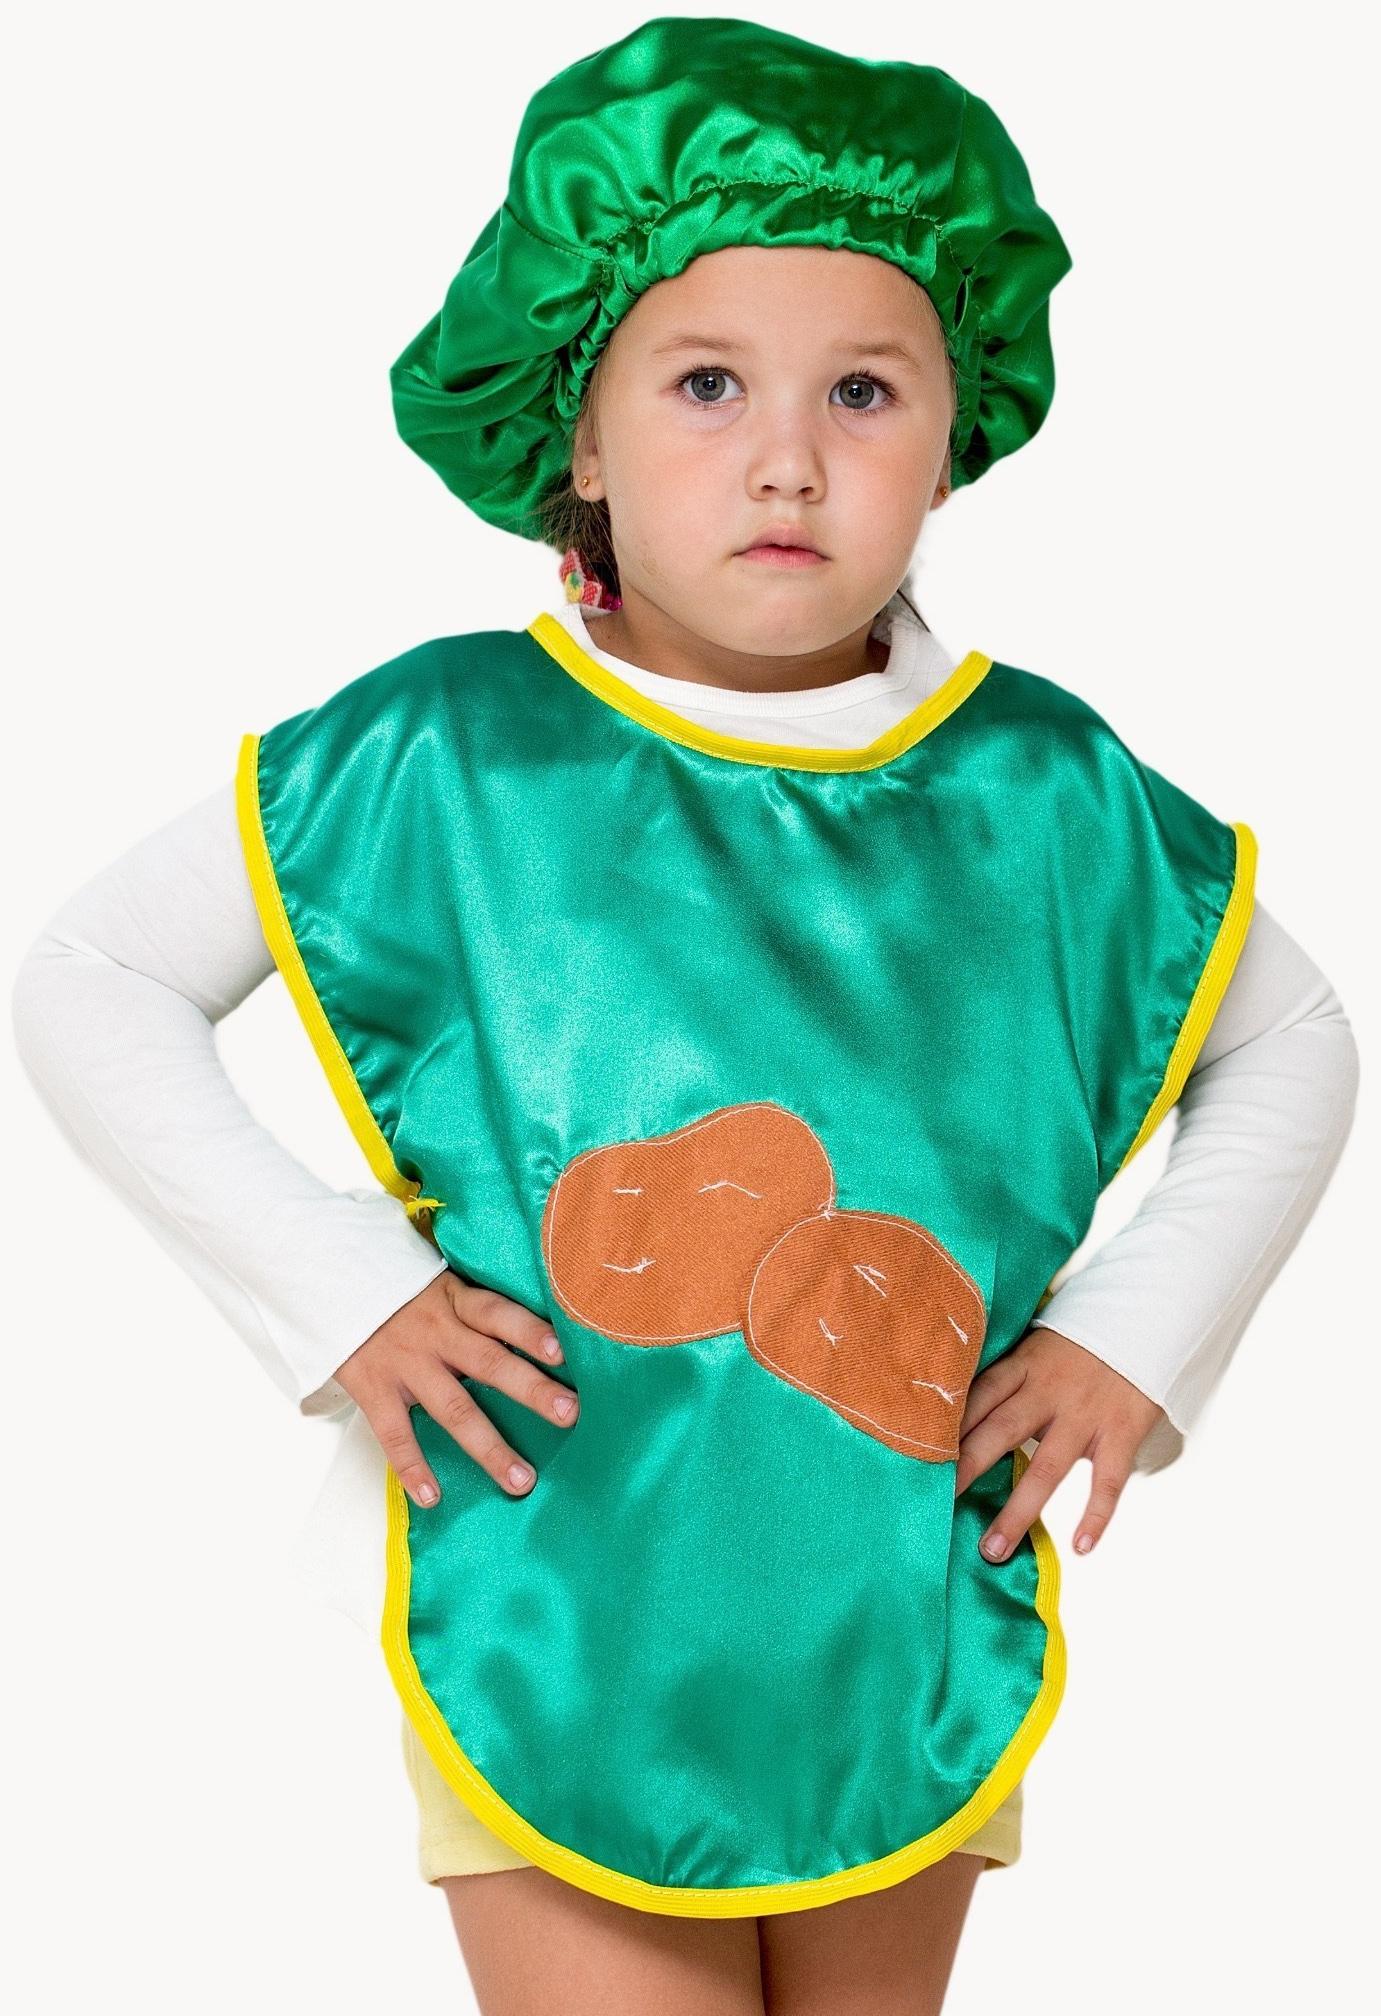 Детский комплект Картошка (32-34) детский костюм озорного клоуна 34